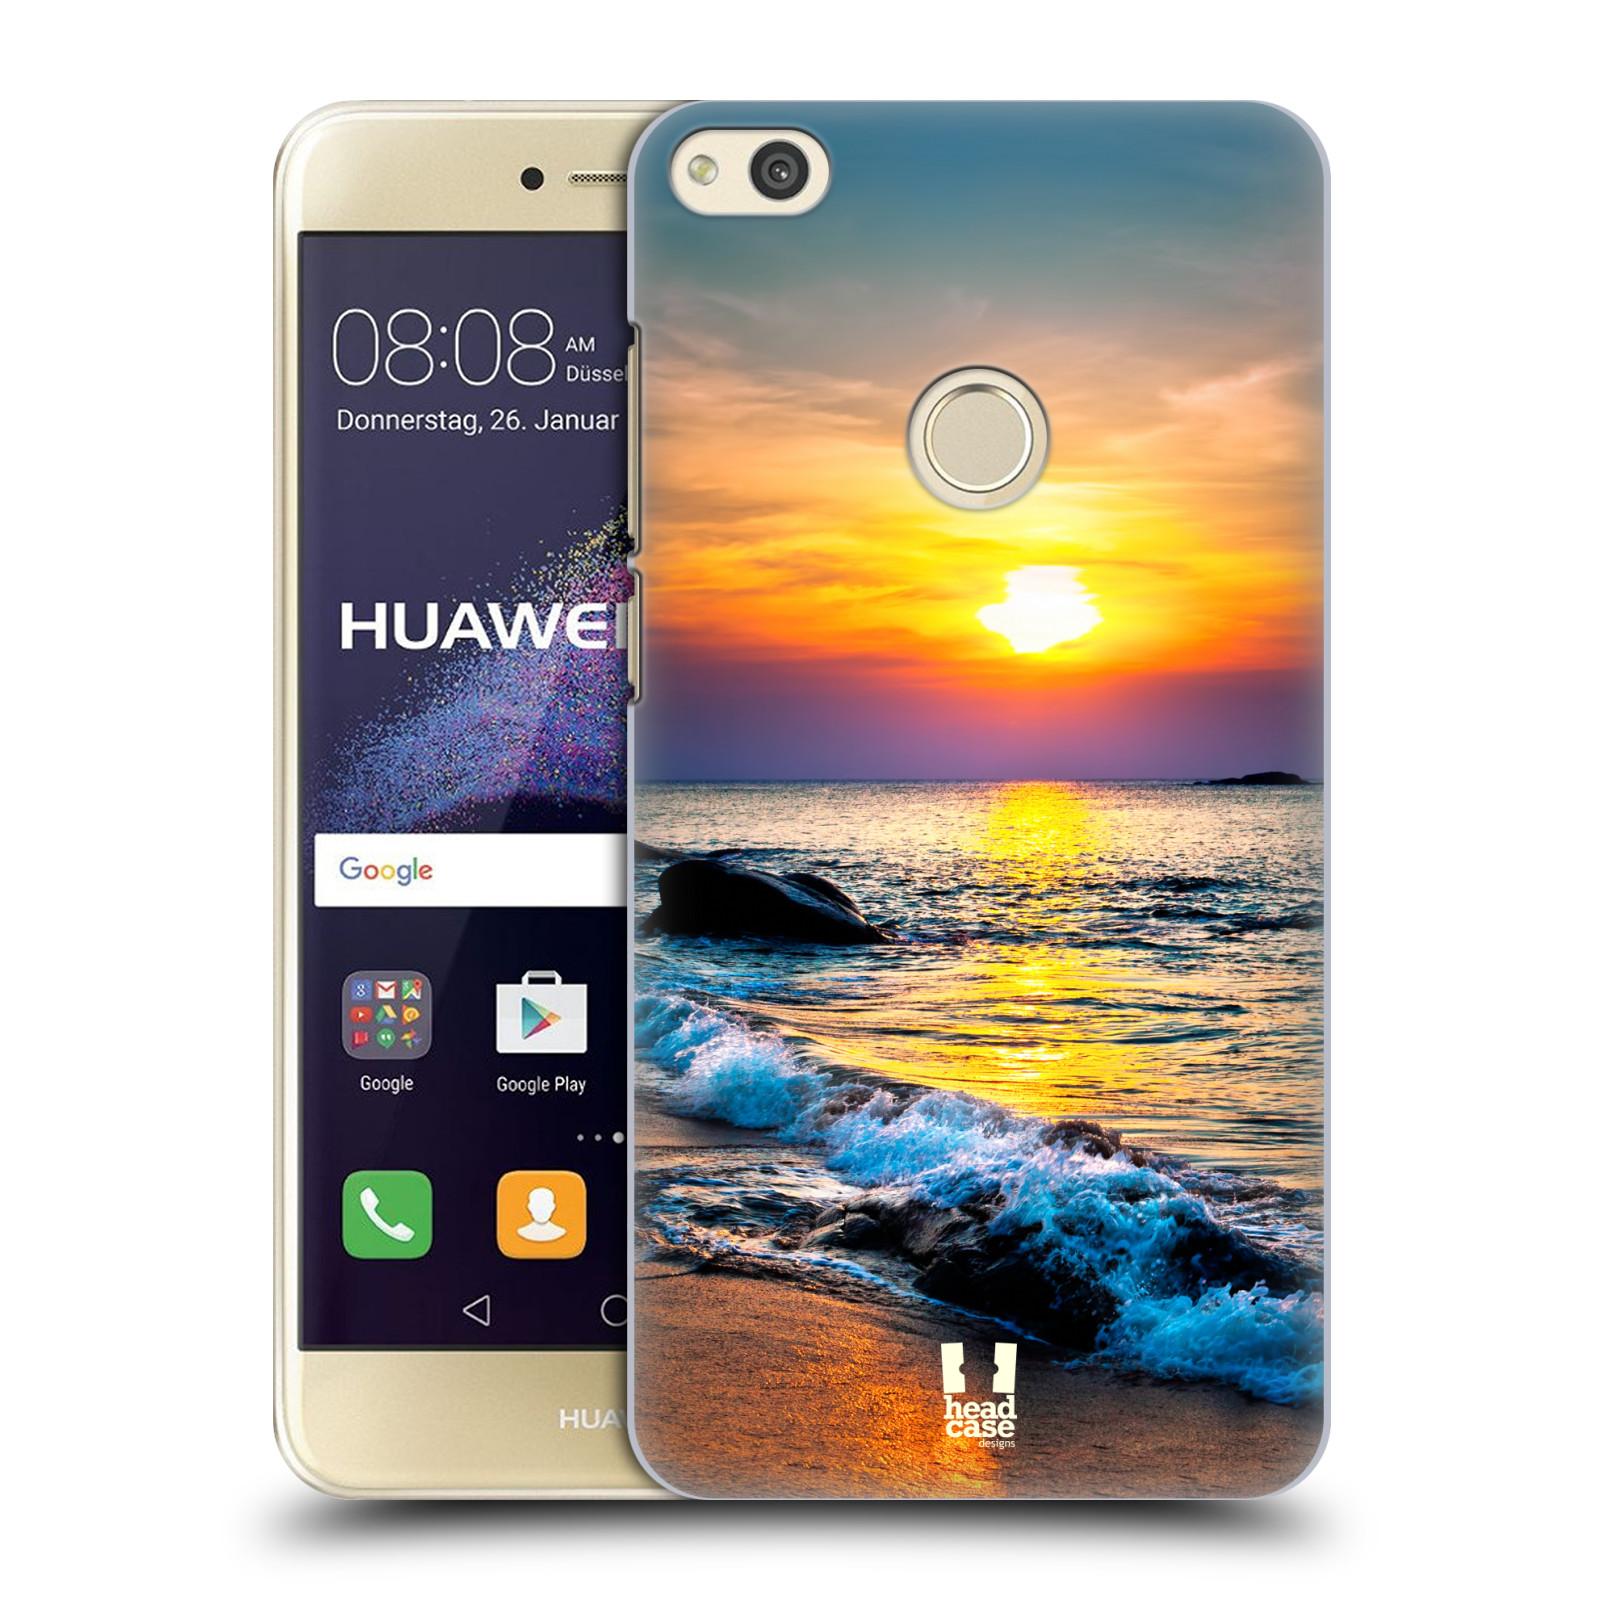 HEAD CASE silikonový obal na mobil Huawei P8 LITE 2017 vzor Pláže a Moře barevný západ slunce